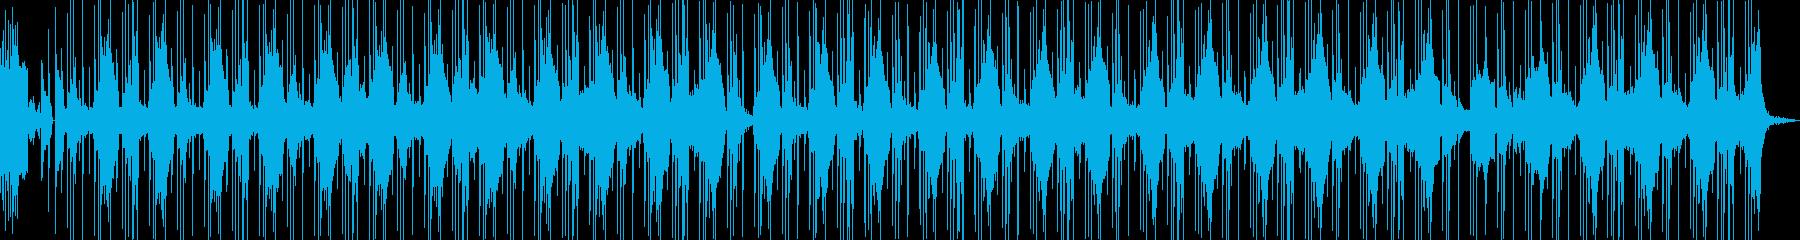 お洒落な洋楽風の壮大なヒップホップの再生済みの波形